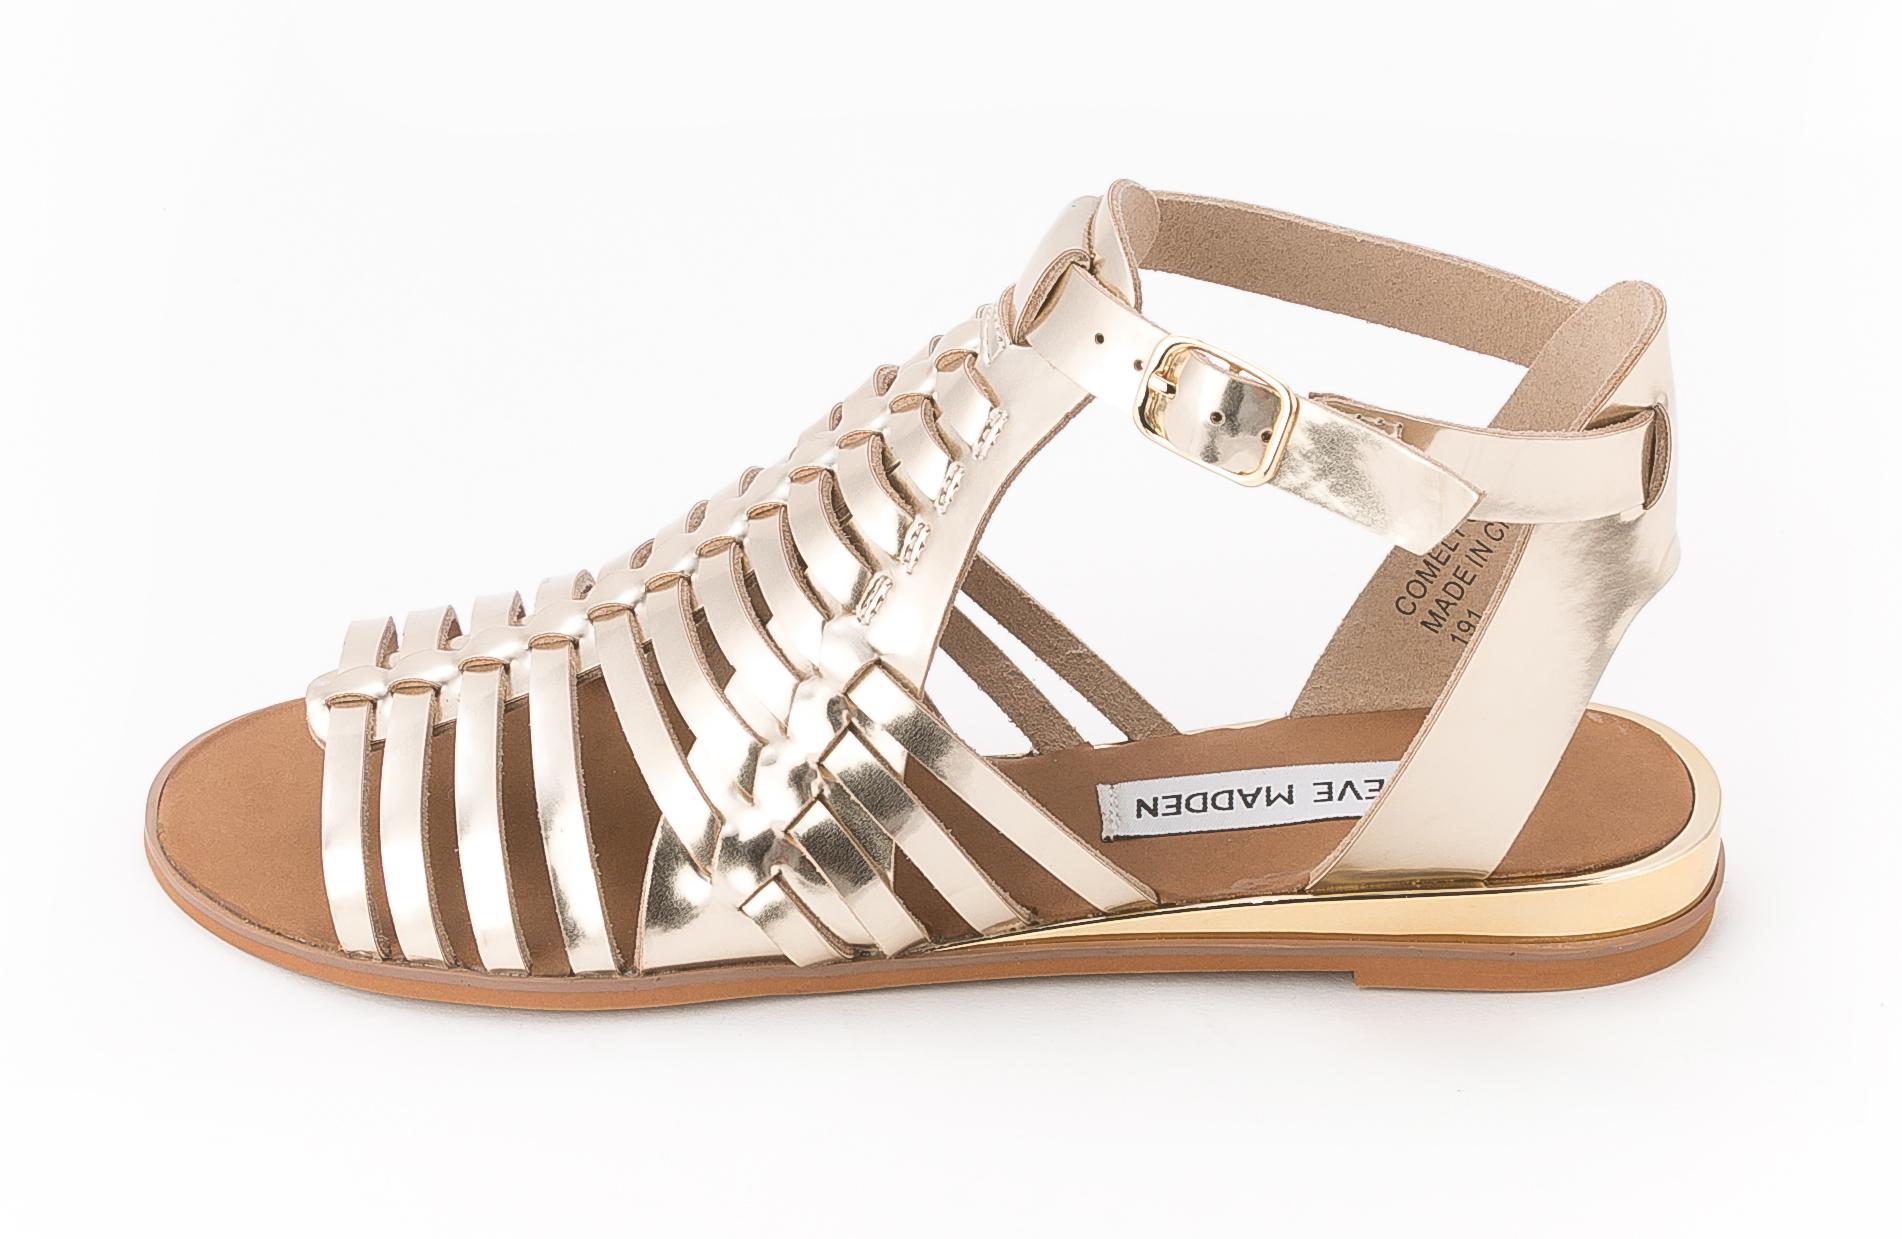 98dc1bda2c3 UPC 889163004465 - Steve Madden - Comely (Gold) Women's Sandals ...